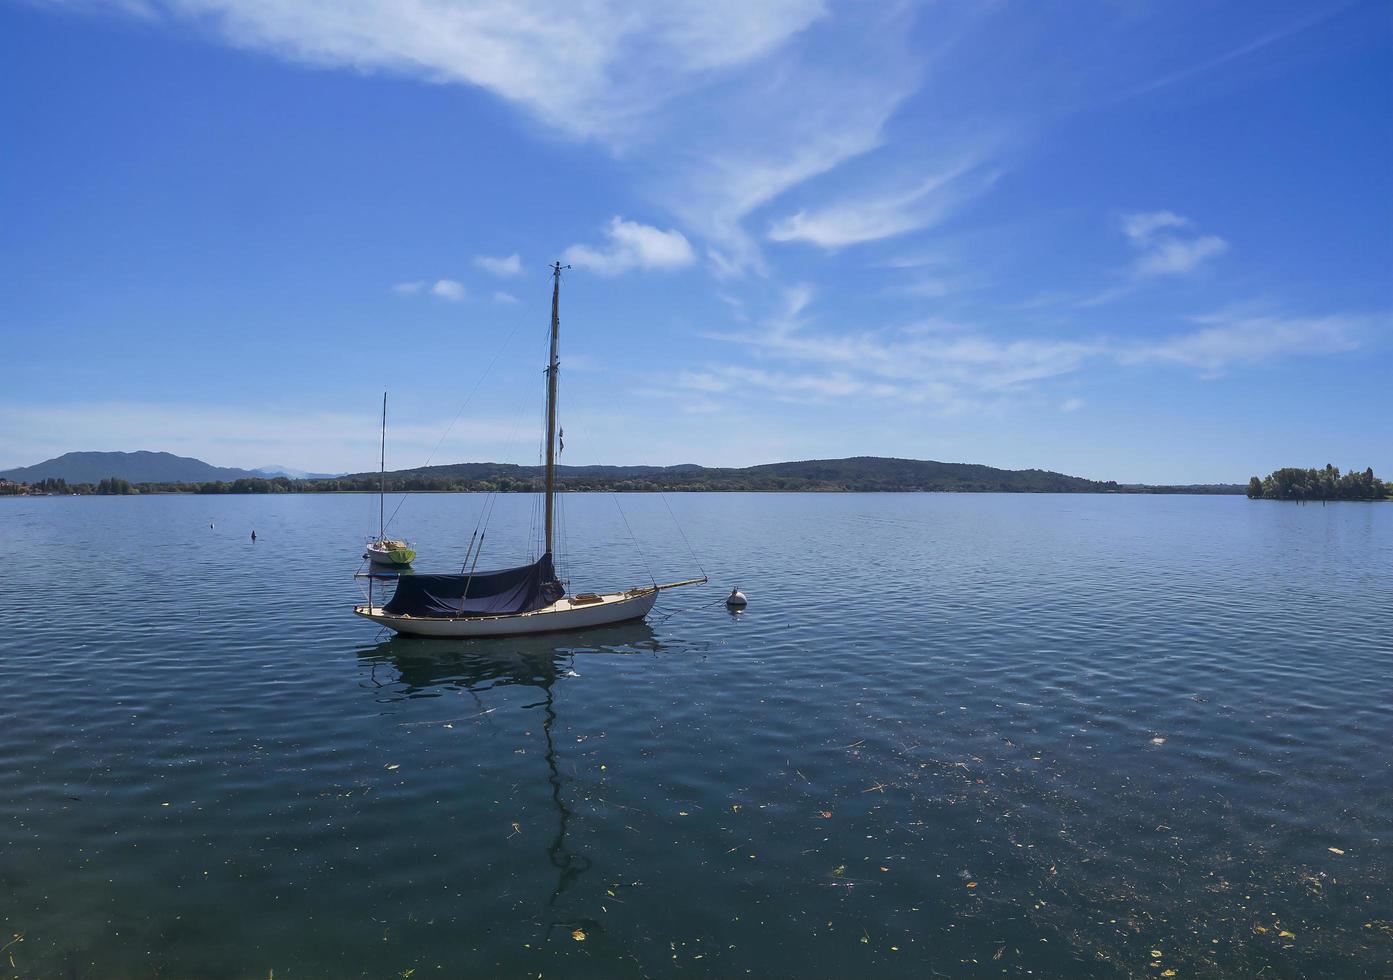 utsikt över båten vid sjön foto